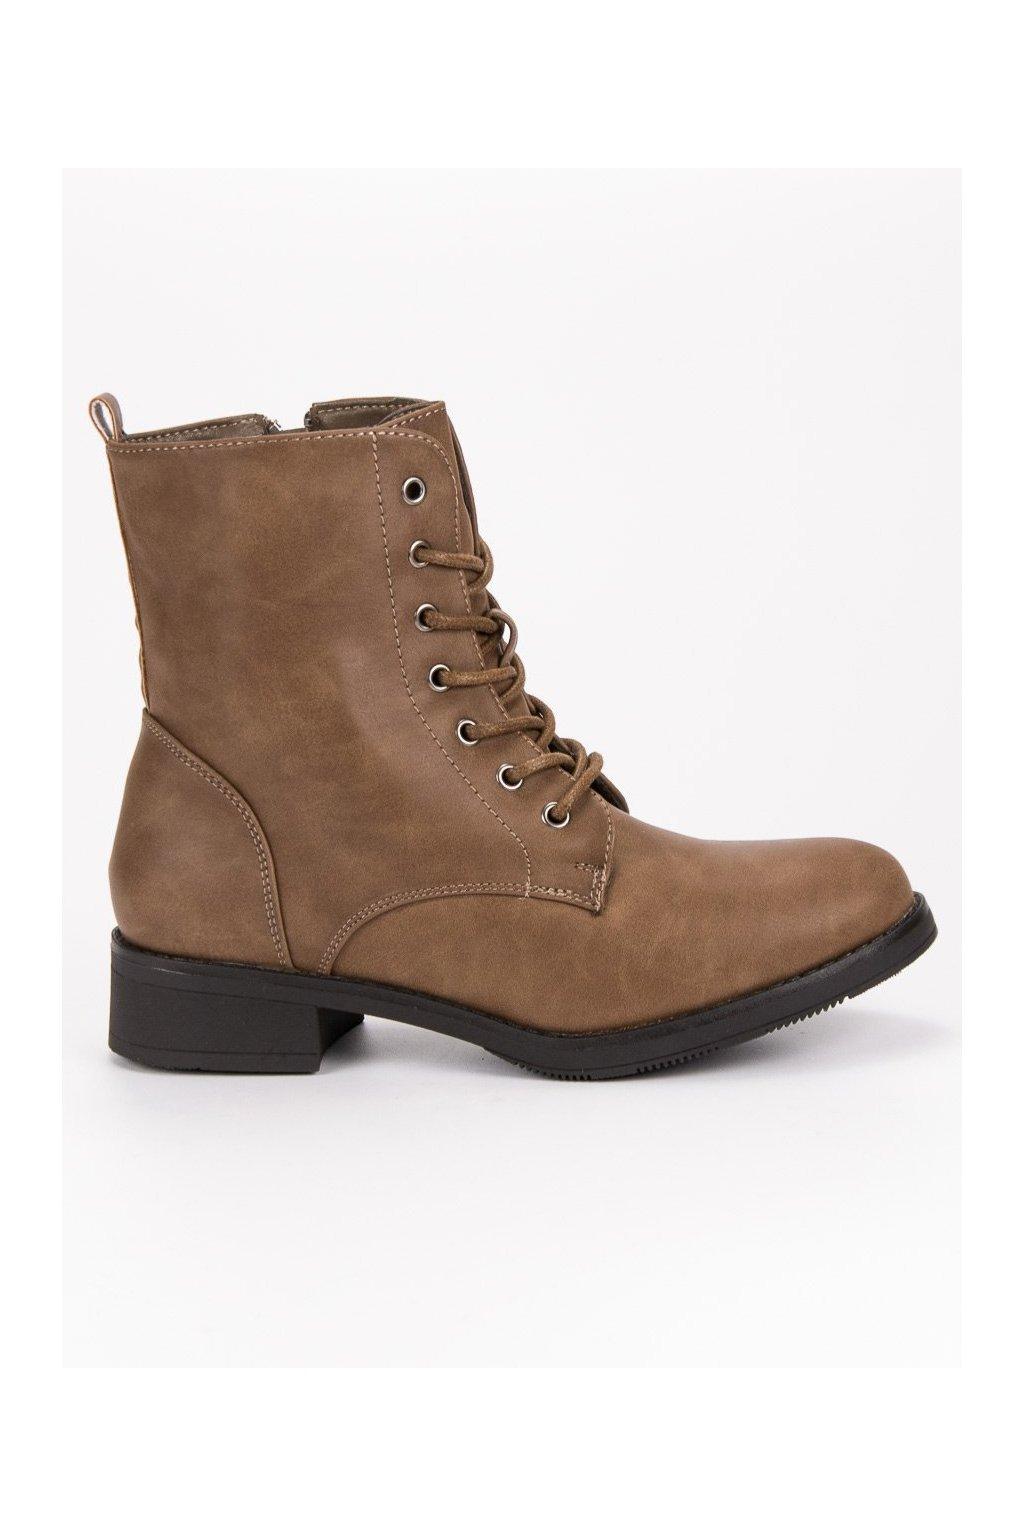 Hnedé zateplené topánky SDS W122H-KH 63c932abac0